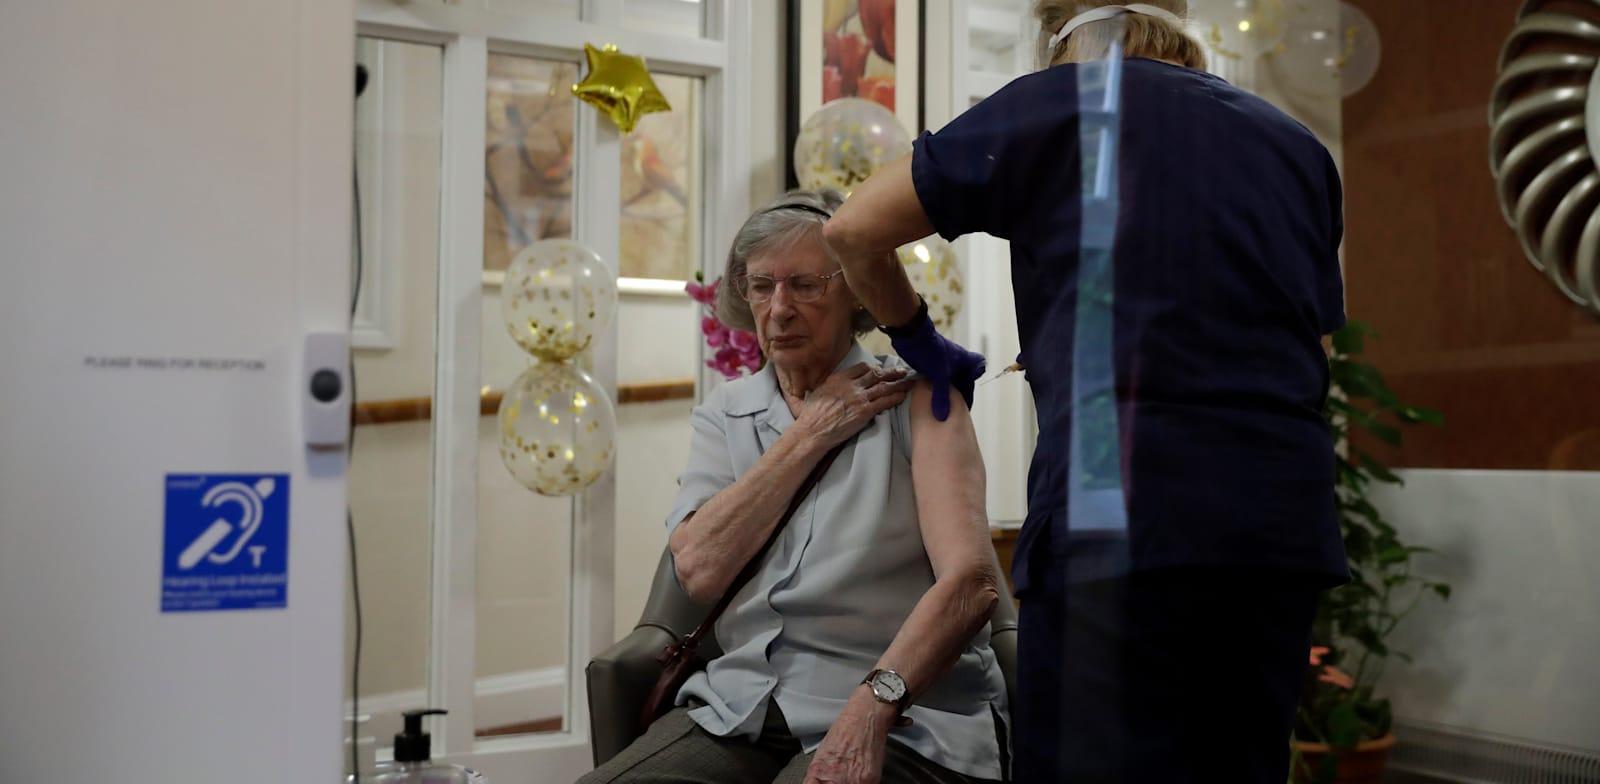 מבצע חיסונים של חברת אסטרהזנקה בבית אבות בלונדון / צילום: Associated Press, Matt Dunham